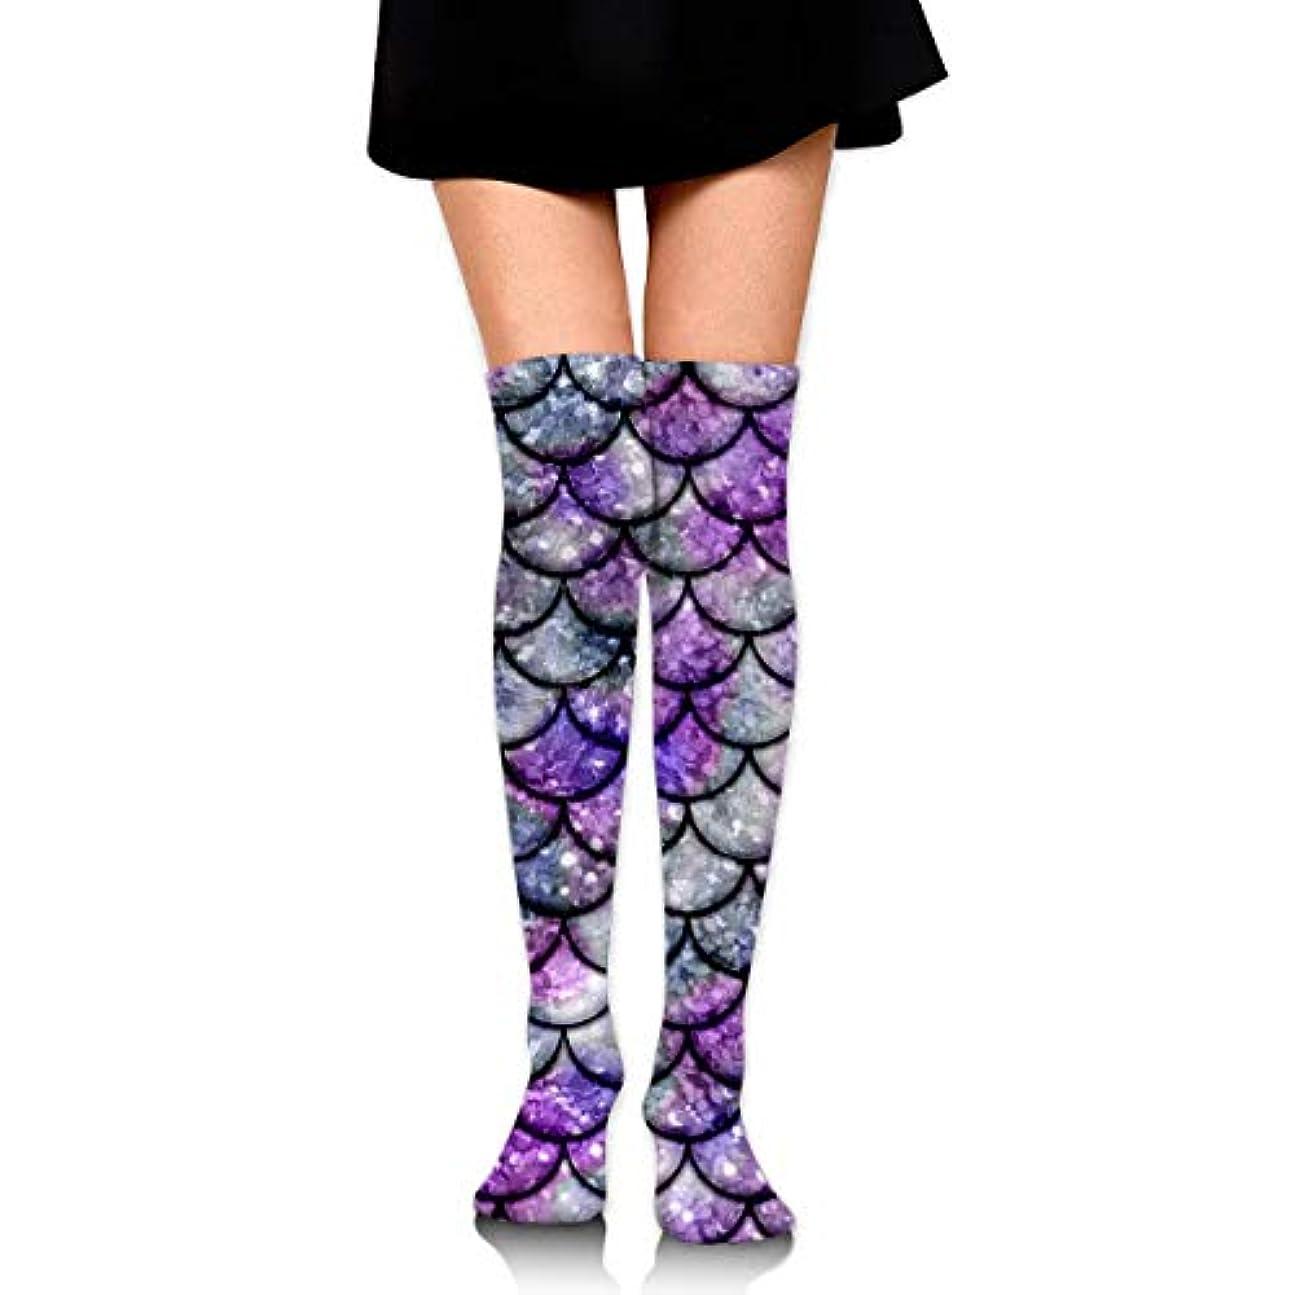 高速道路ドレインメニューMKLOS 通気性 圧縮ソックス Breathable Extra Long Cotton Mid Thigh High Purple Mermaid Fish Scales Exotic Psychedelic Print...